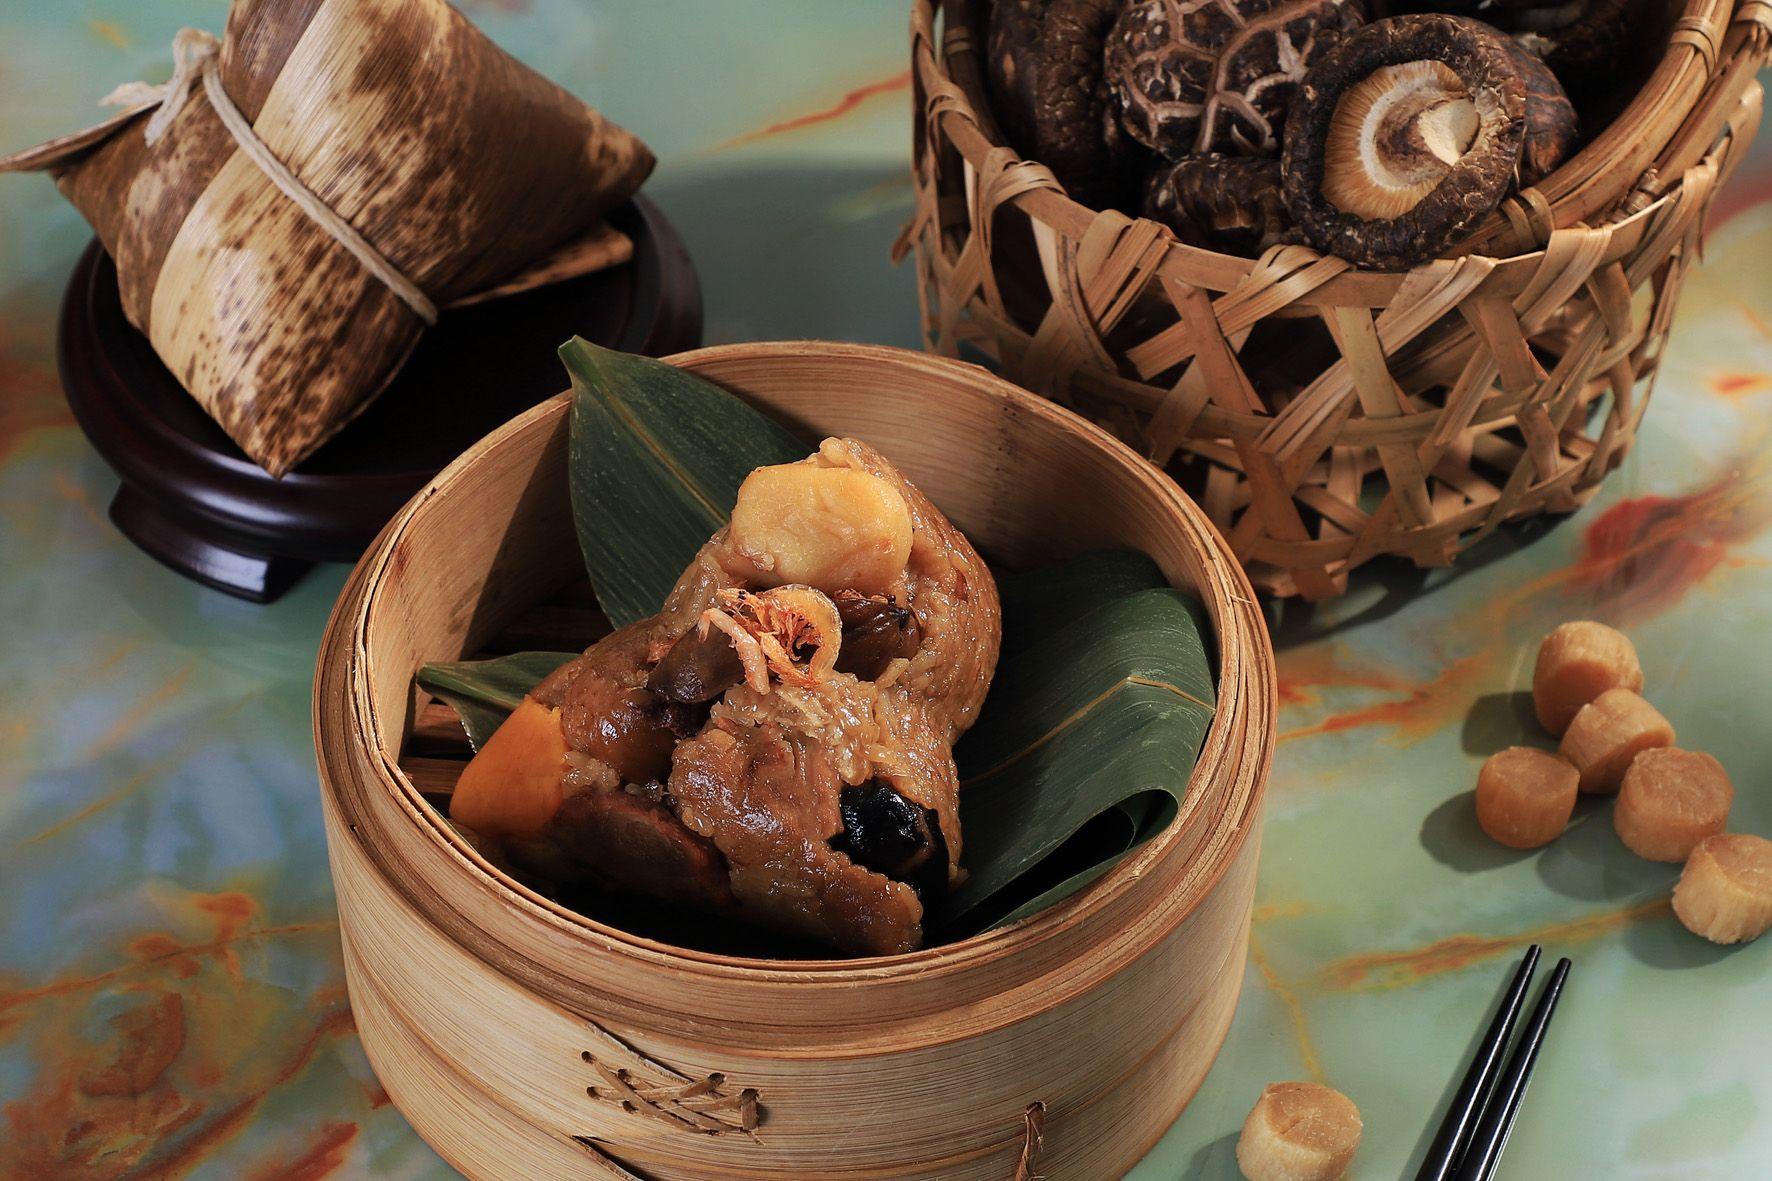 端午節粽子的戰爭:一篇秒懂南北粽有什麼差別?